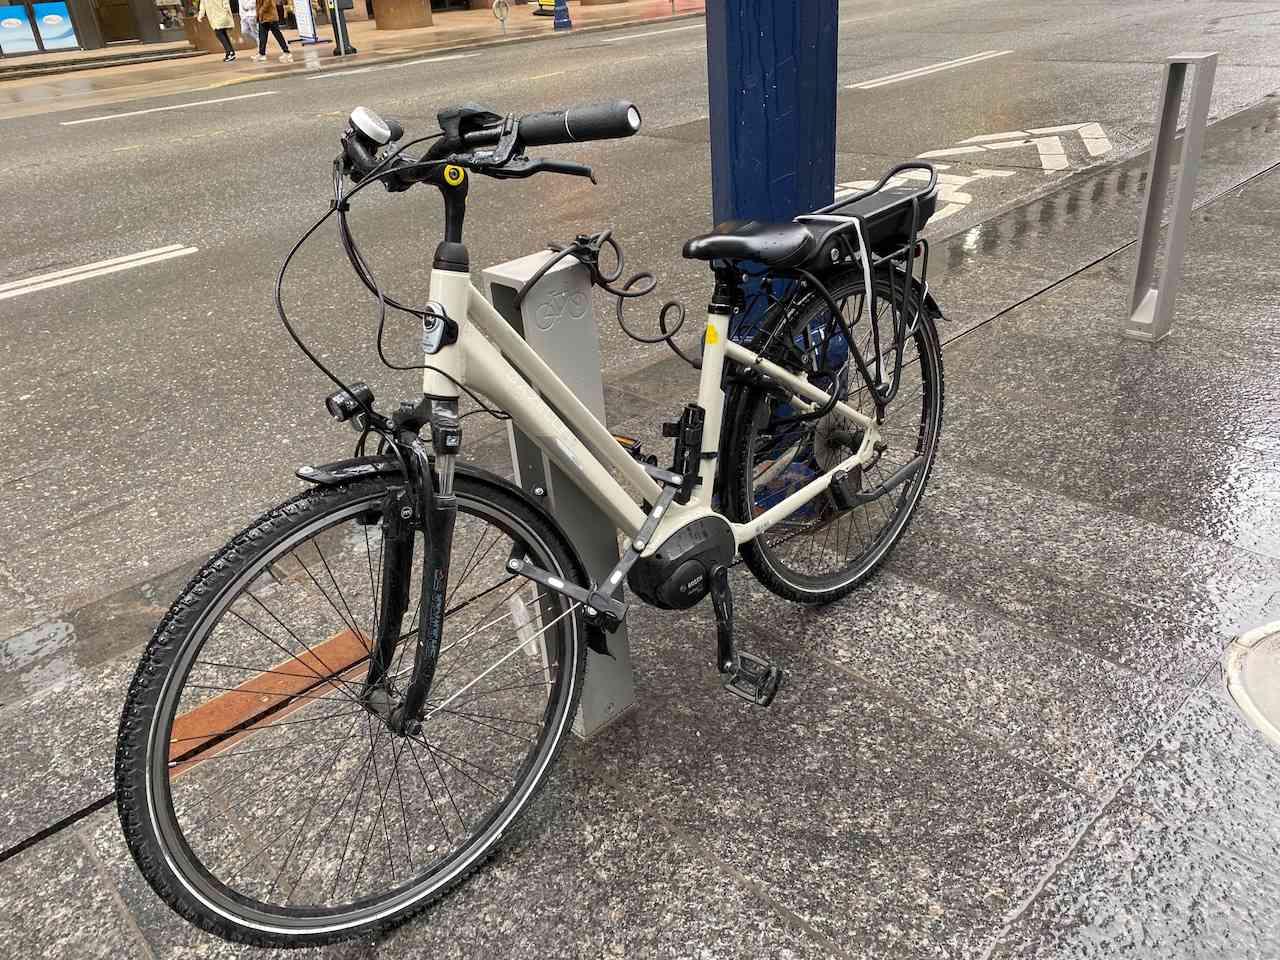 My bike with 3 locks